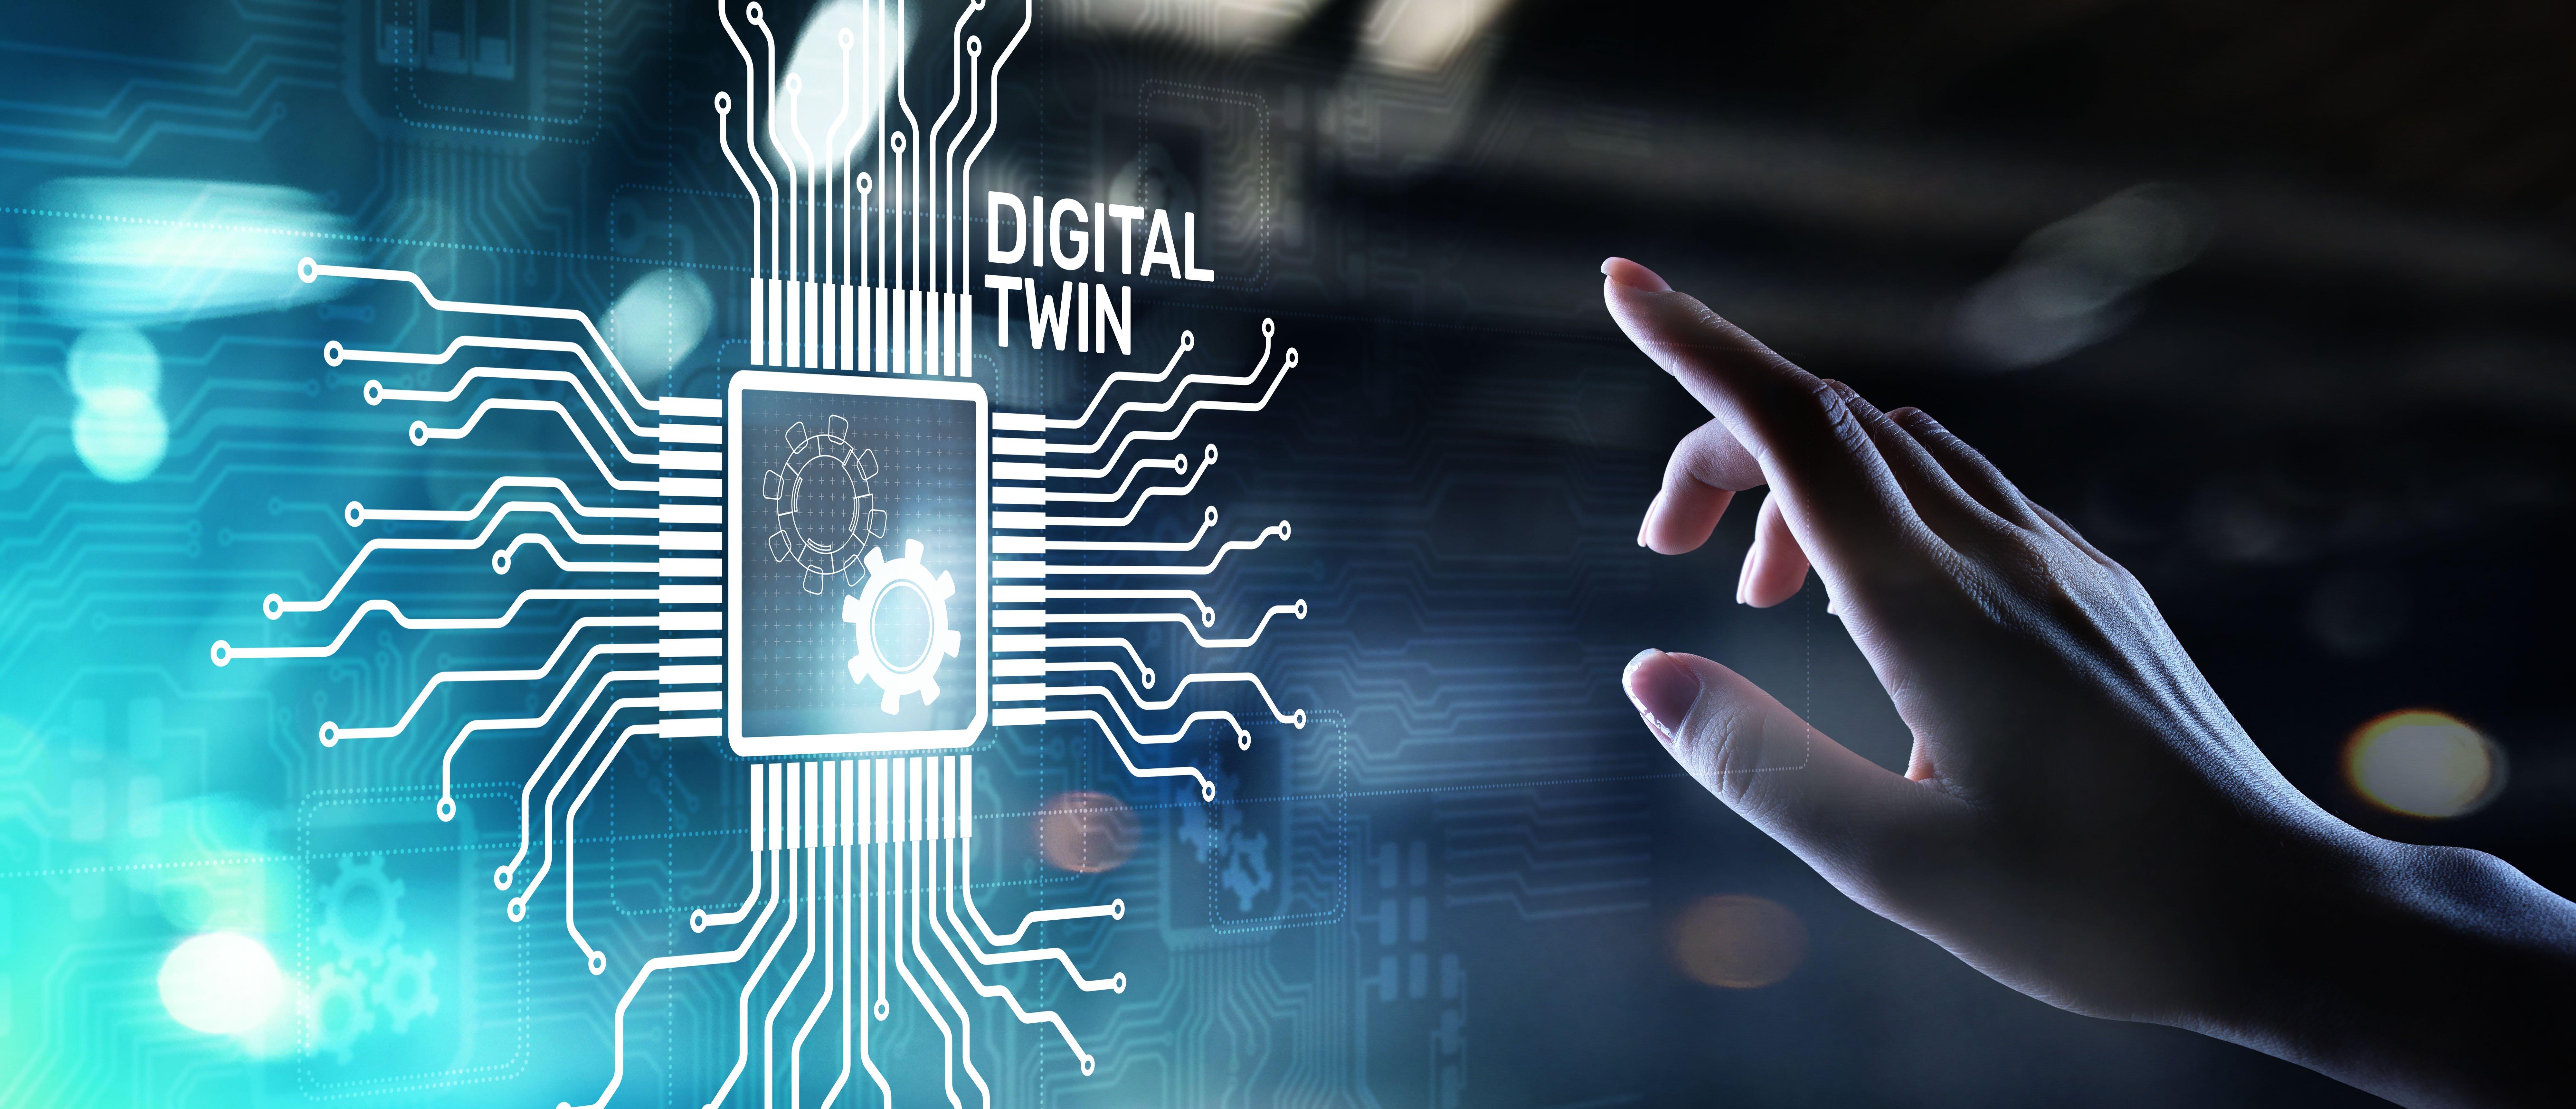 A_Closer_Look_At-Digital_Twin_Blog